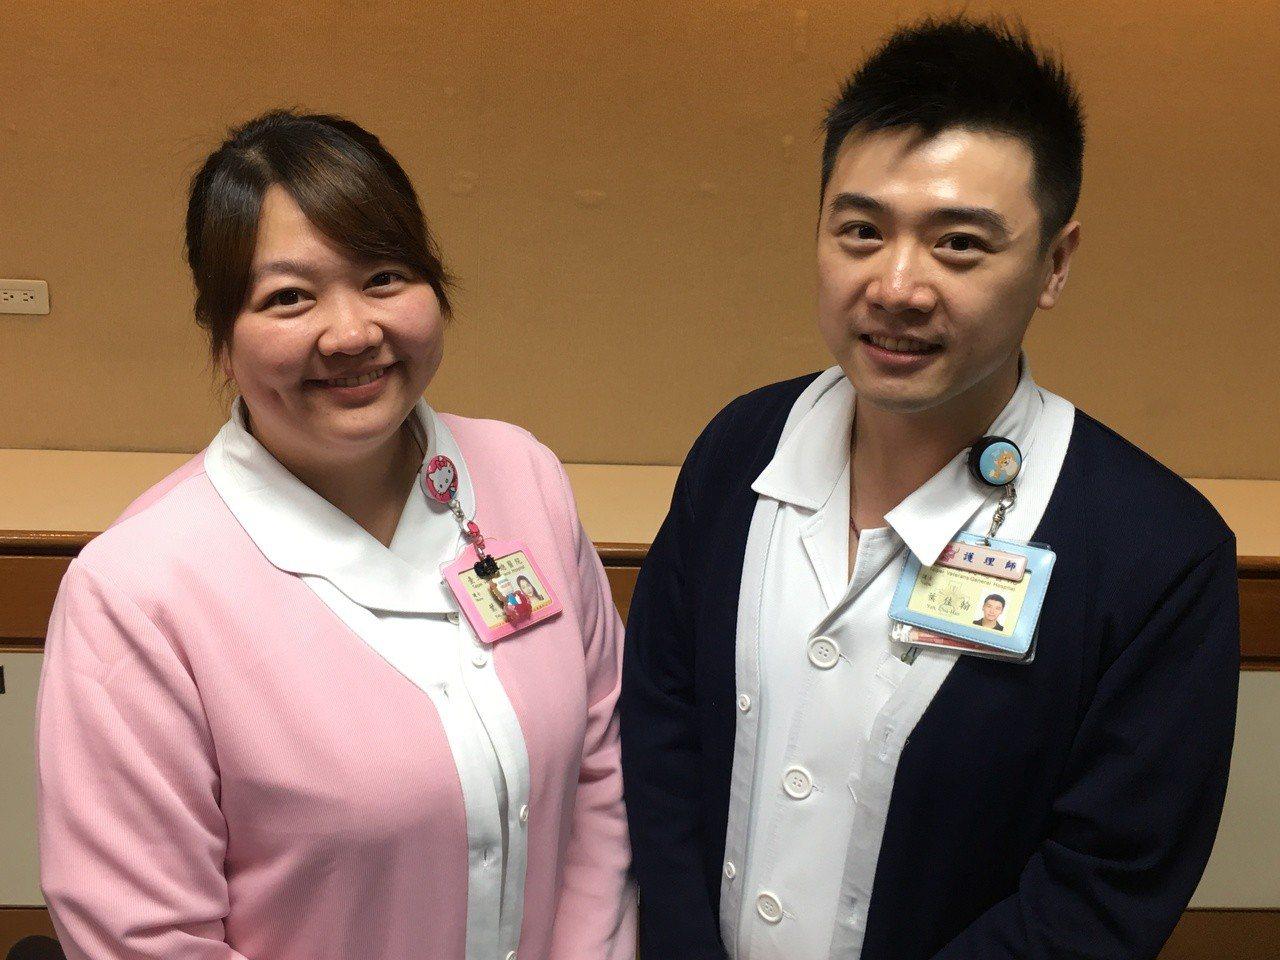 台北榮總的姊弟護理檔葉子安(左)及弟弟葉佳翰(右)。記者鄧桂芬/攝影